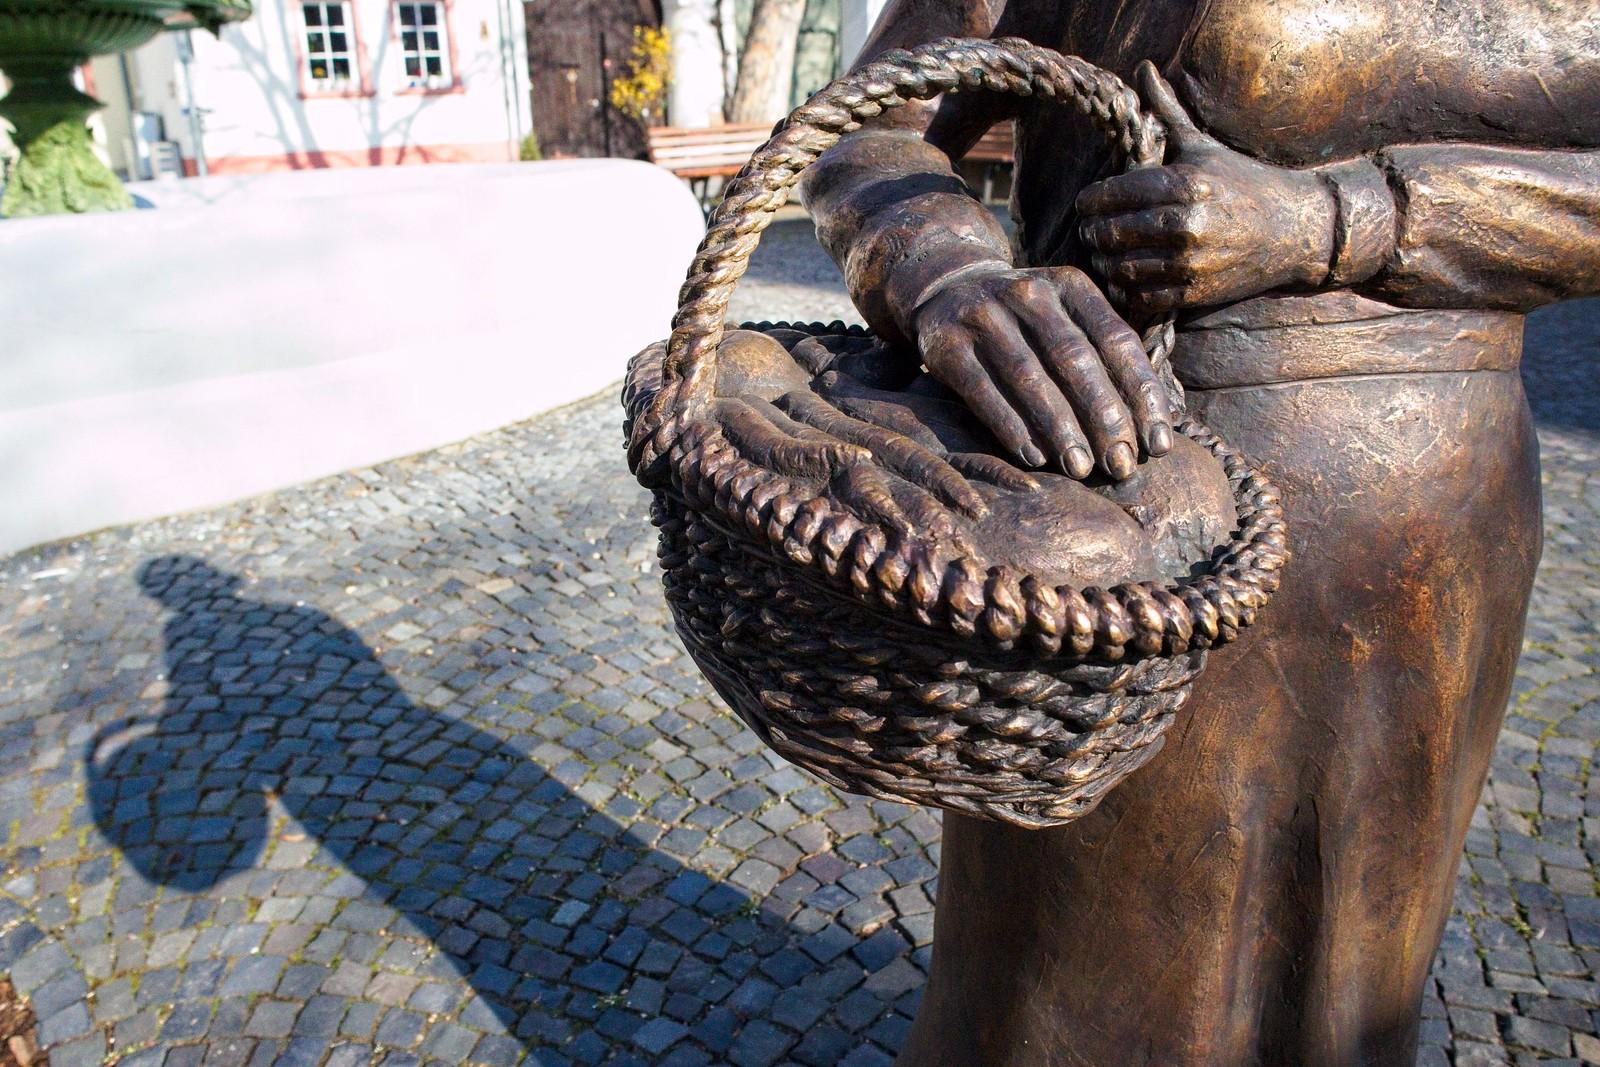 Gemüsekorb - Schweigsame Marktfrau auf dem Marktplatz von Schwabenheim an der Selz (Canon EOS M50, EF-M 15-45mm f/3.5-6.3 IS STM, 15 mm, Manuell, 1/4000 sek @ f/6,3, ISO 2500, EV -0,67)